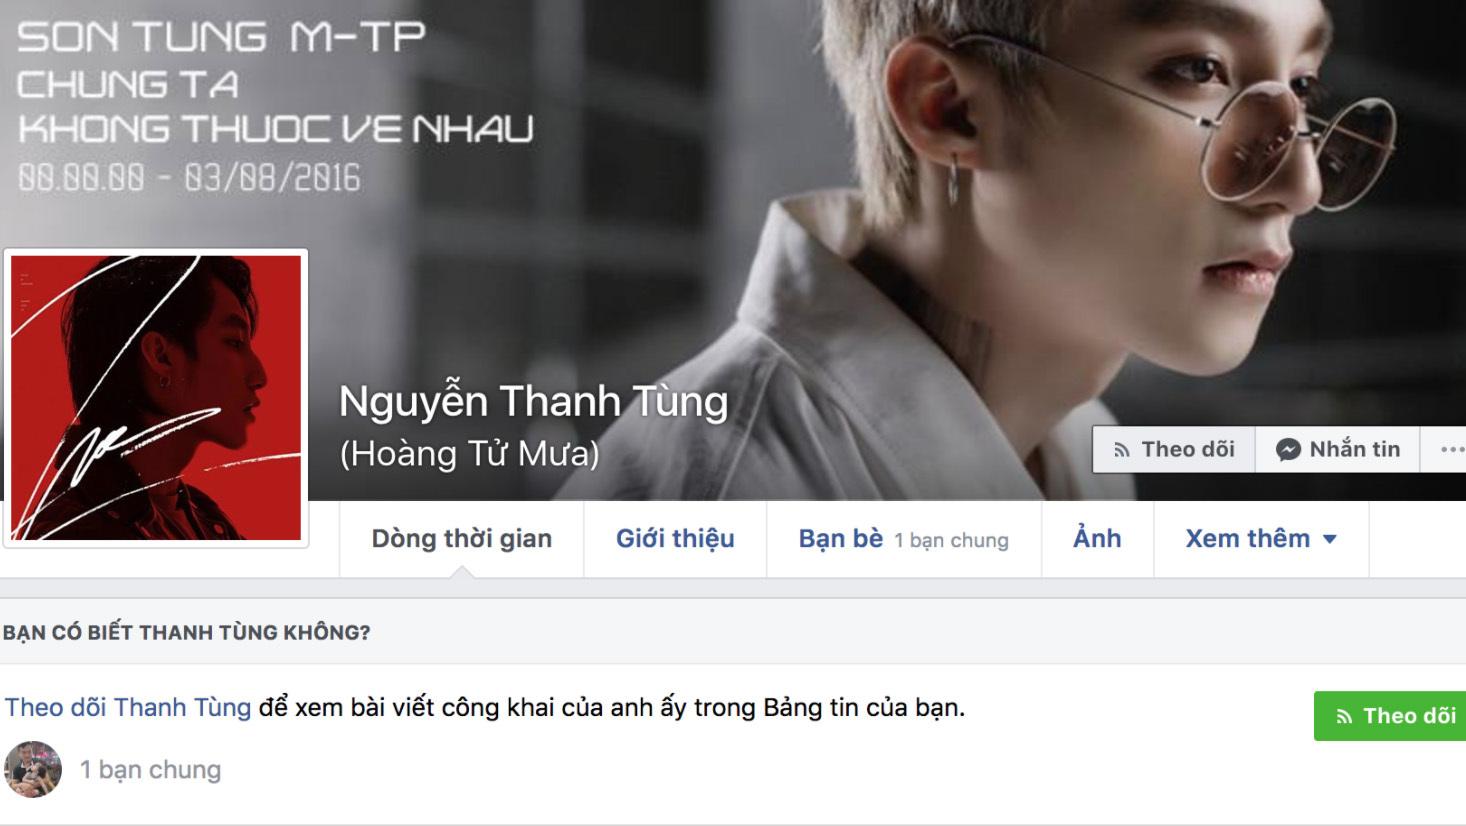 Cộng đồng mạng xôn xao khi biết tin Sơn Tùng MTP bị khoá Facebook